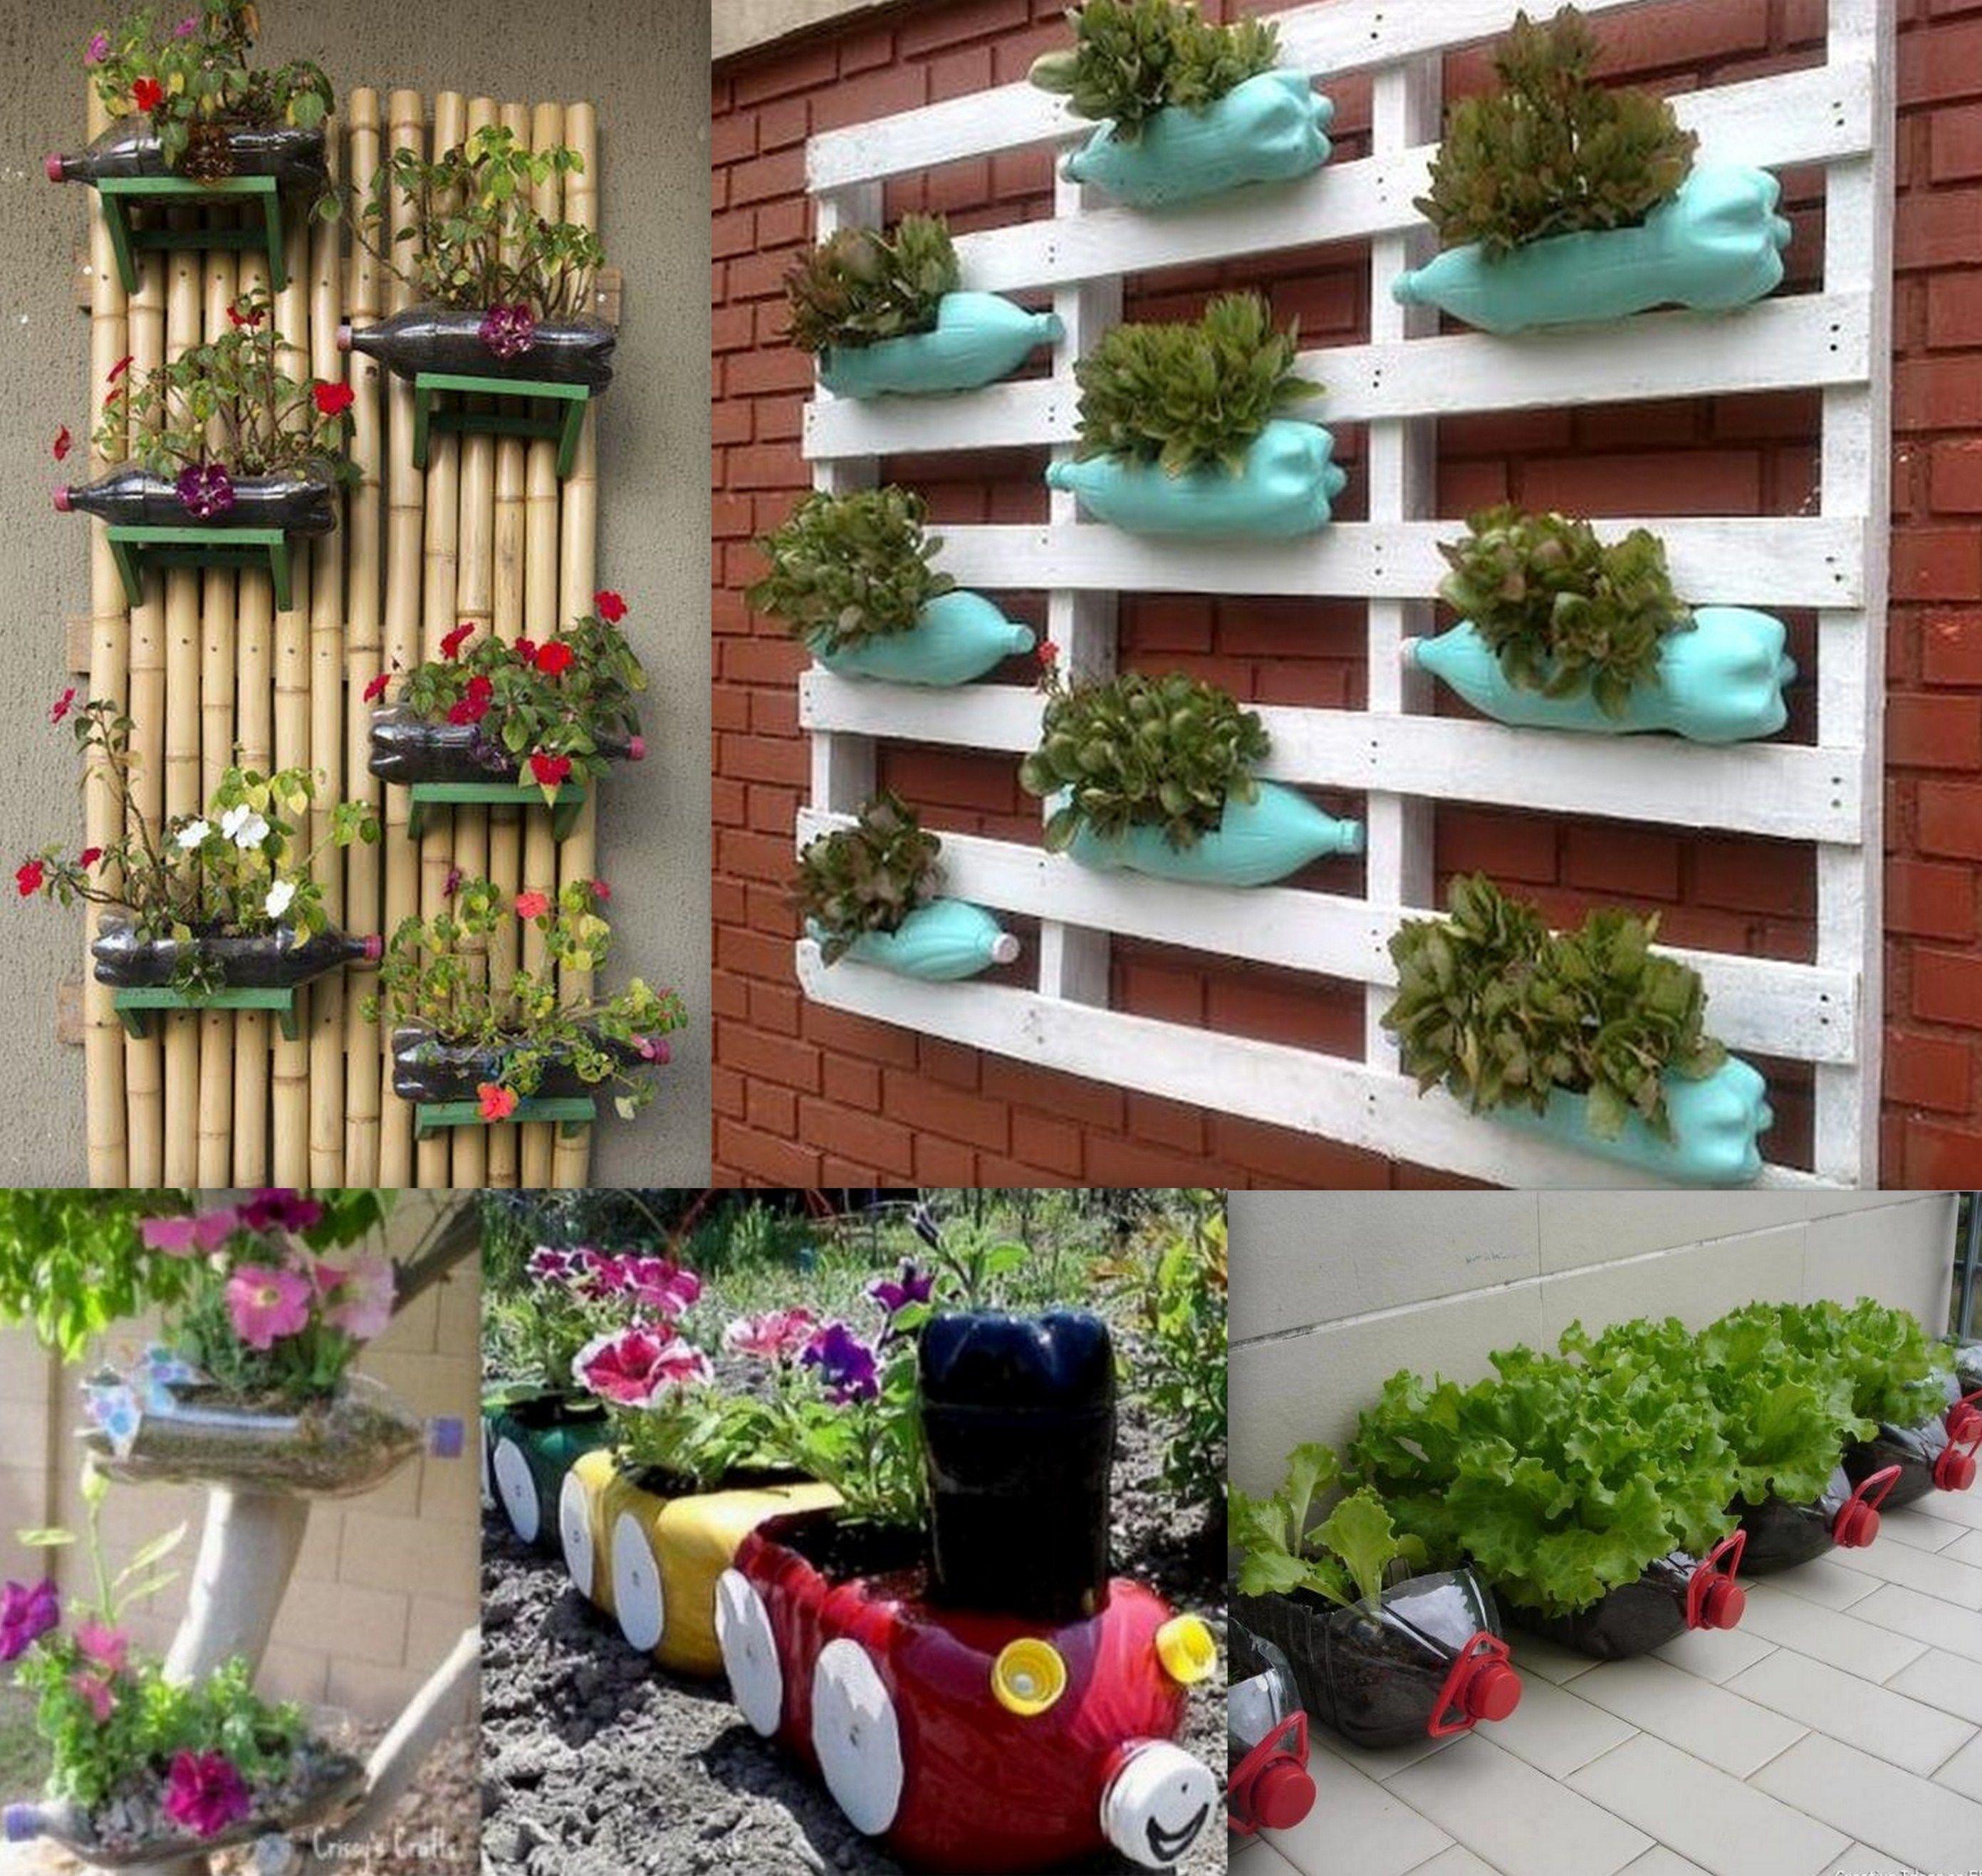 Bac A Plantes Aromatiques en ce qui concerne transformer ses bouteilles plastique en jardini�res pour herbes